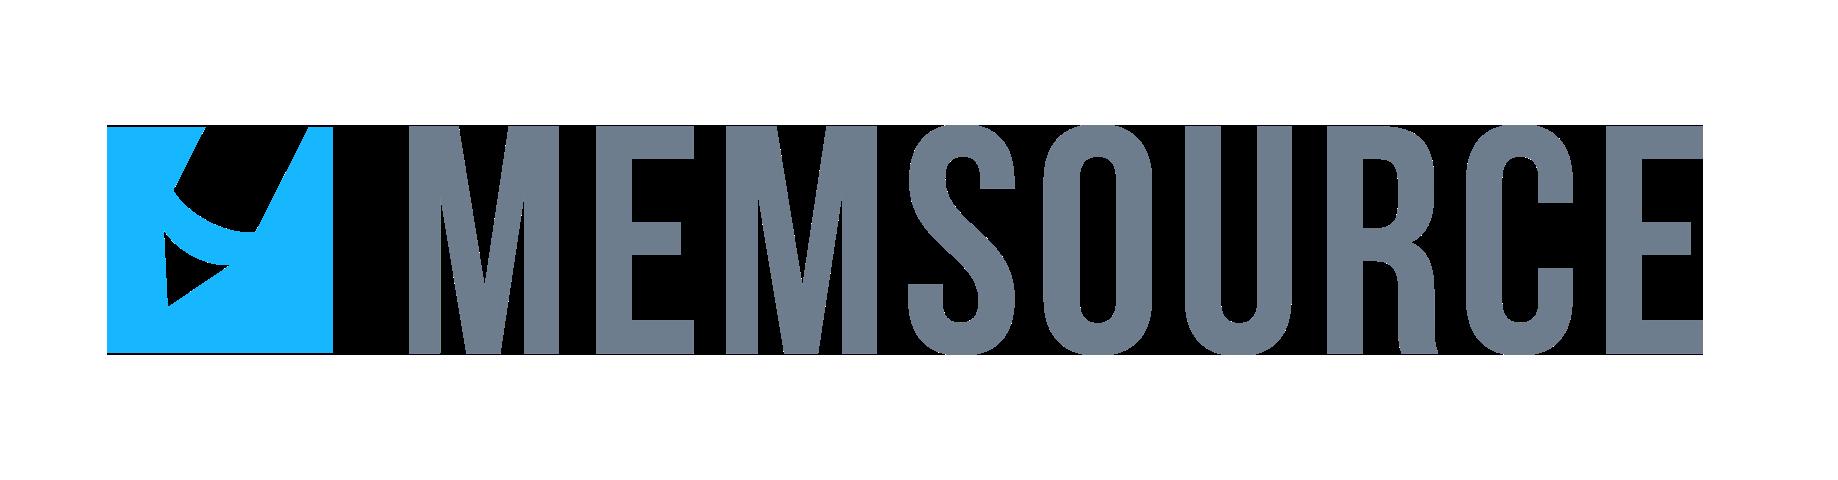 Memsource logo